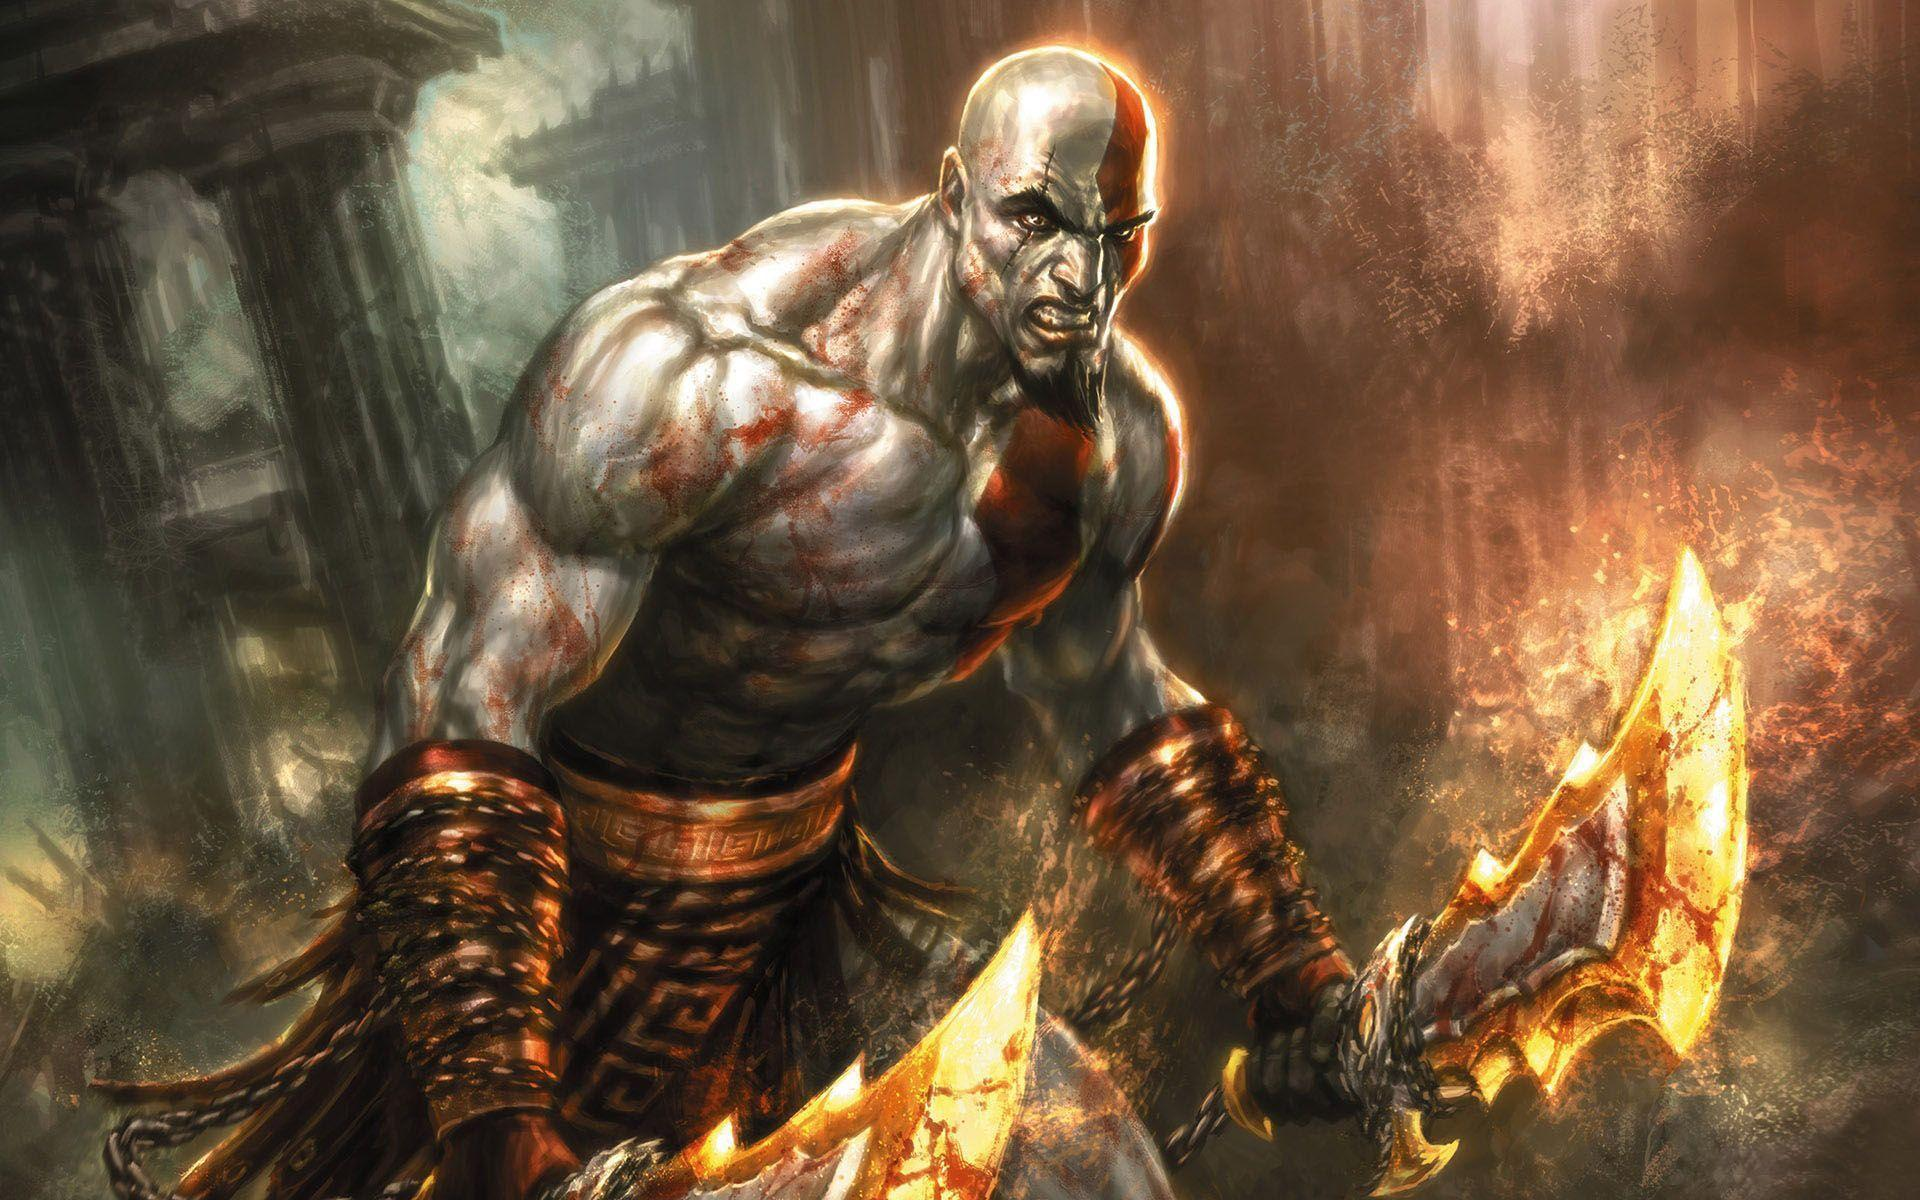 god-of-war-wallpaper-in-hd-4 | DANGEROUS CREATION — for savants.